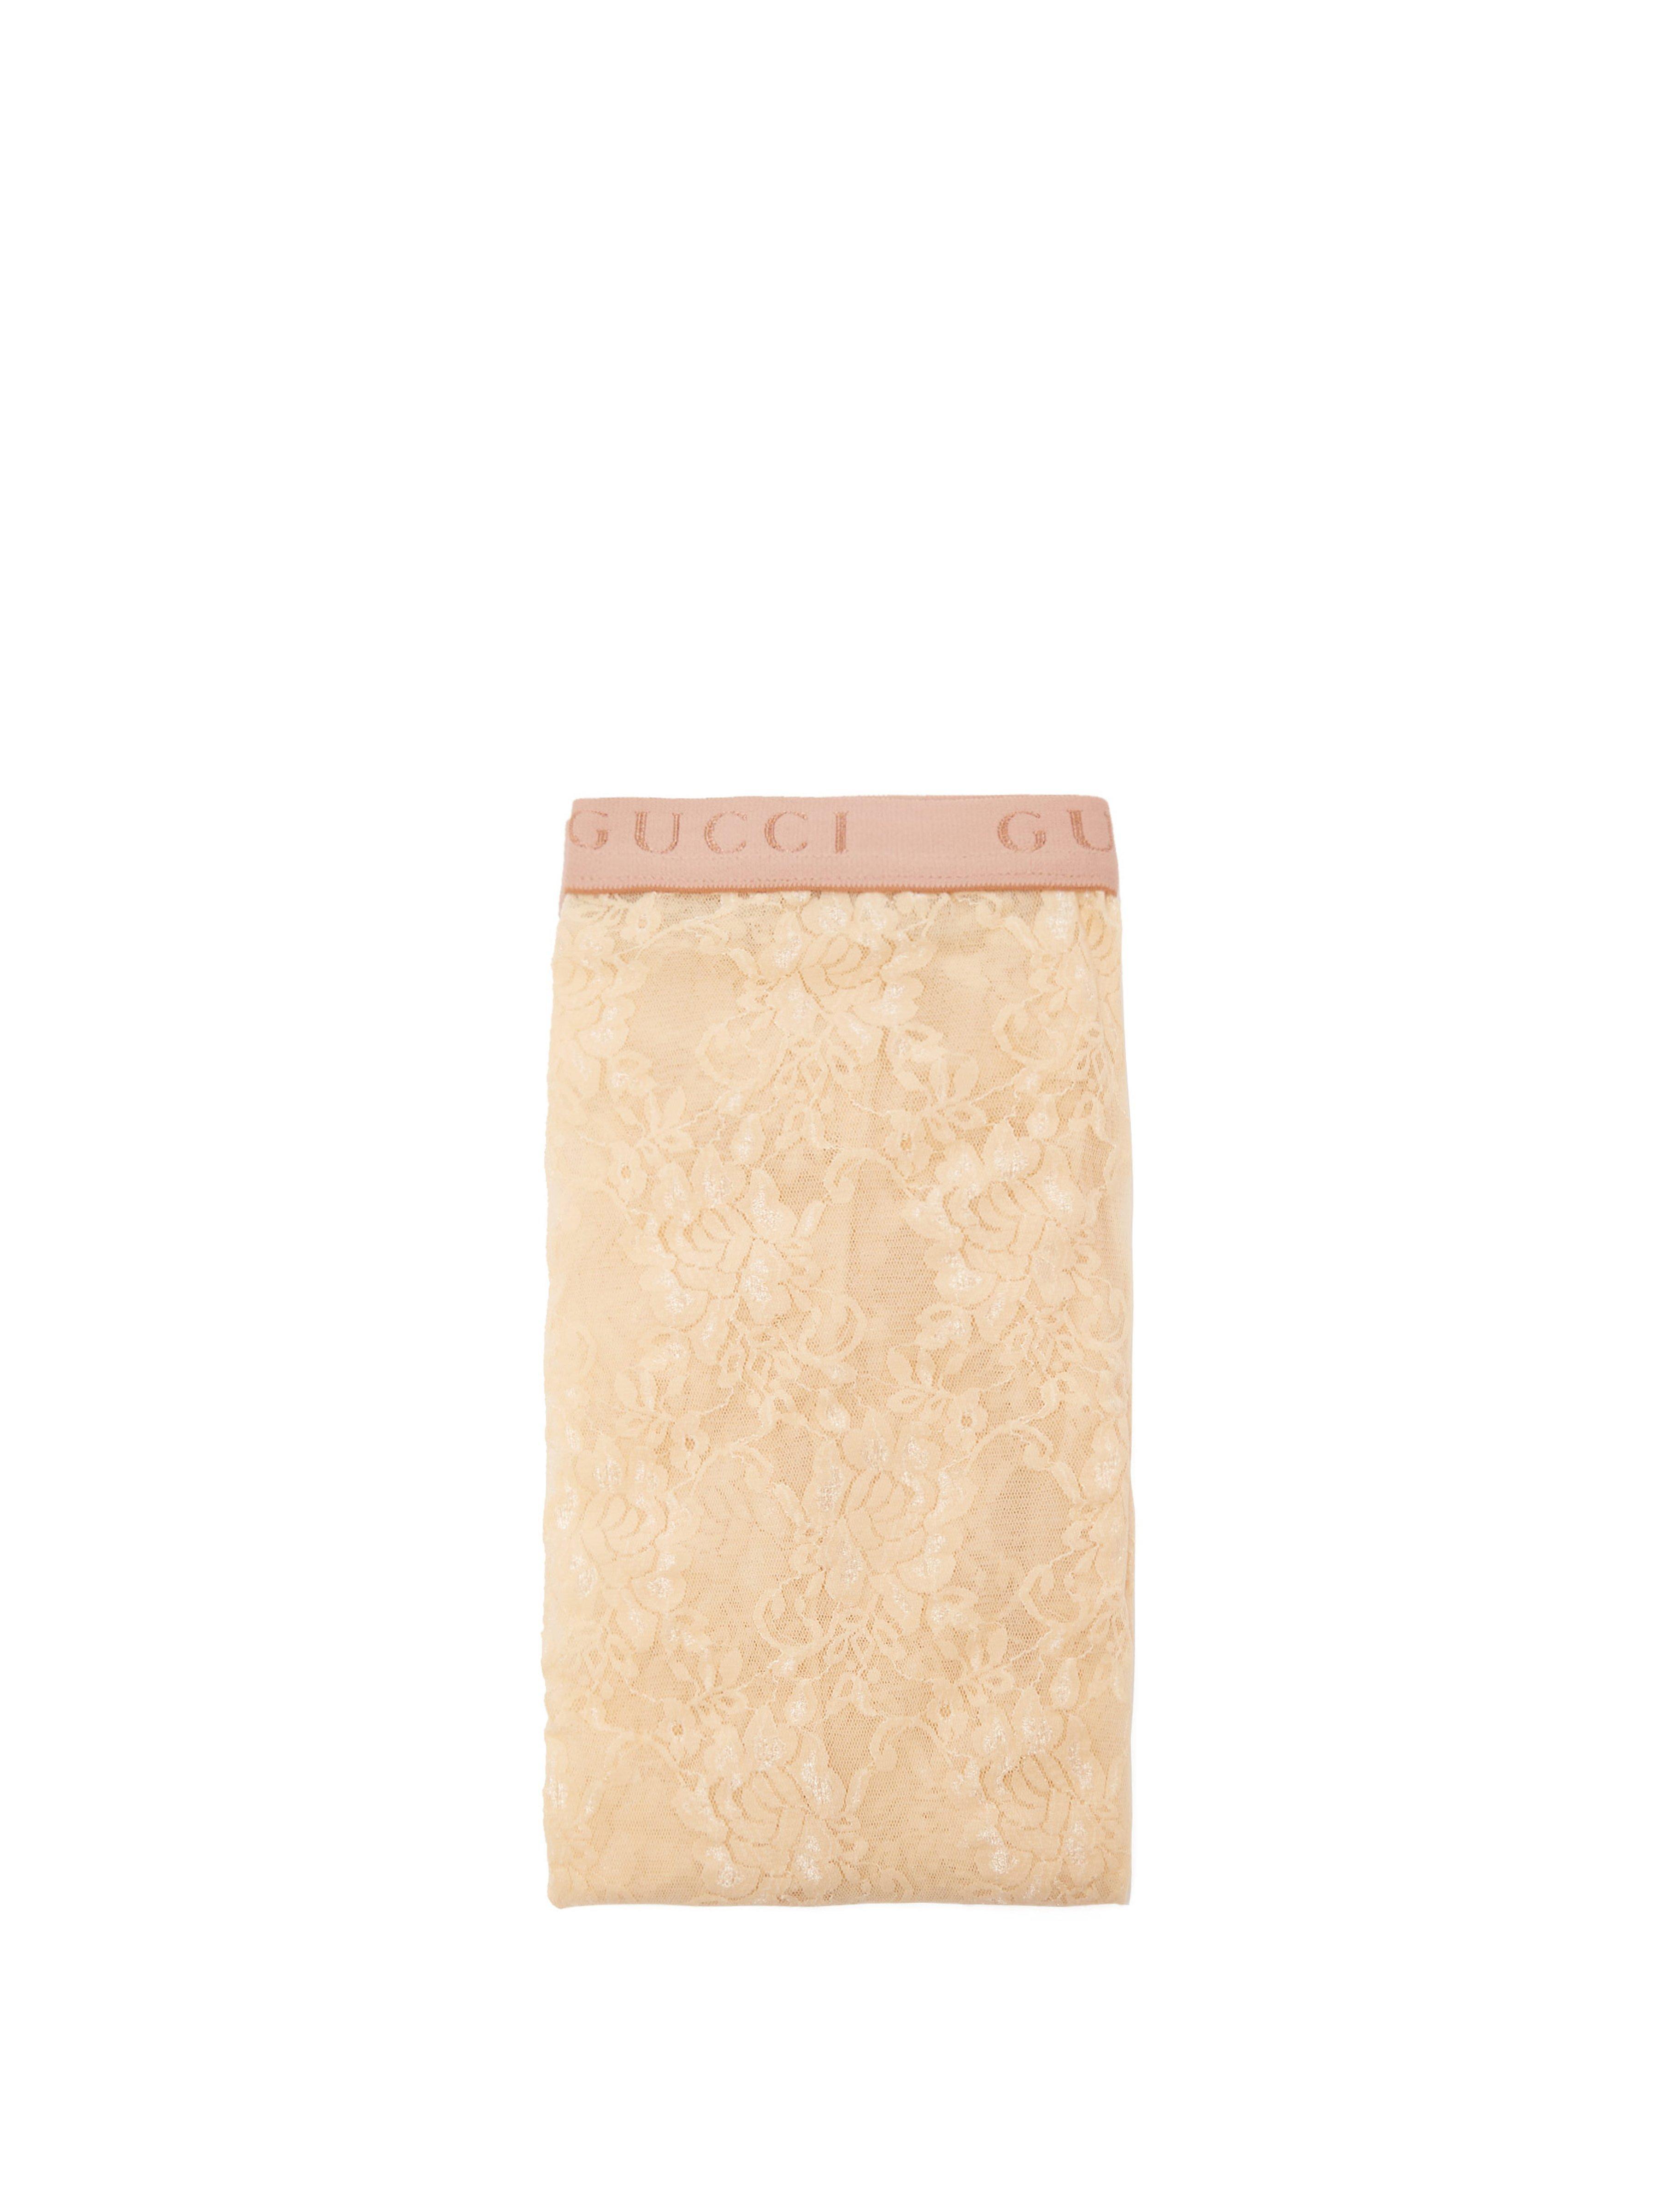 36e970860 Gucci Logo Jacquard Lace Tights in White - Lyst